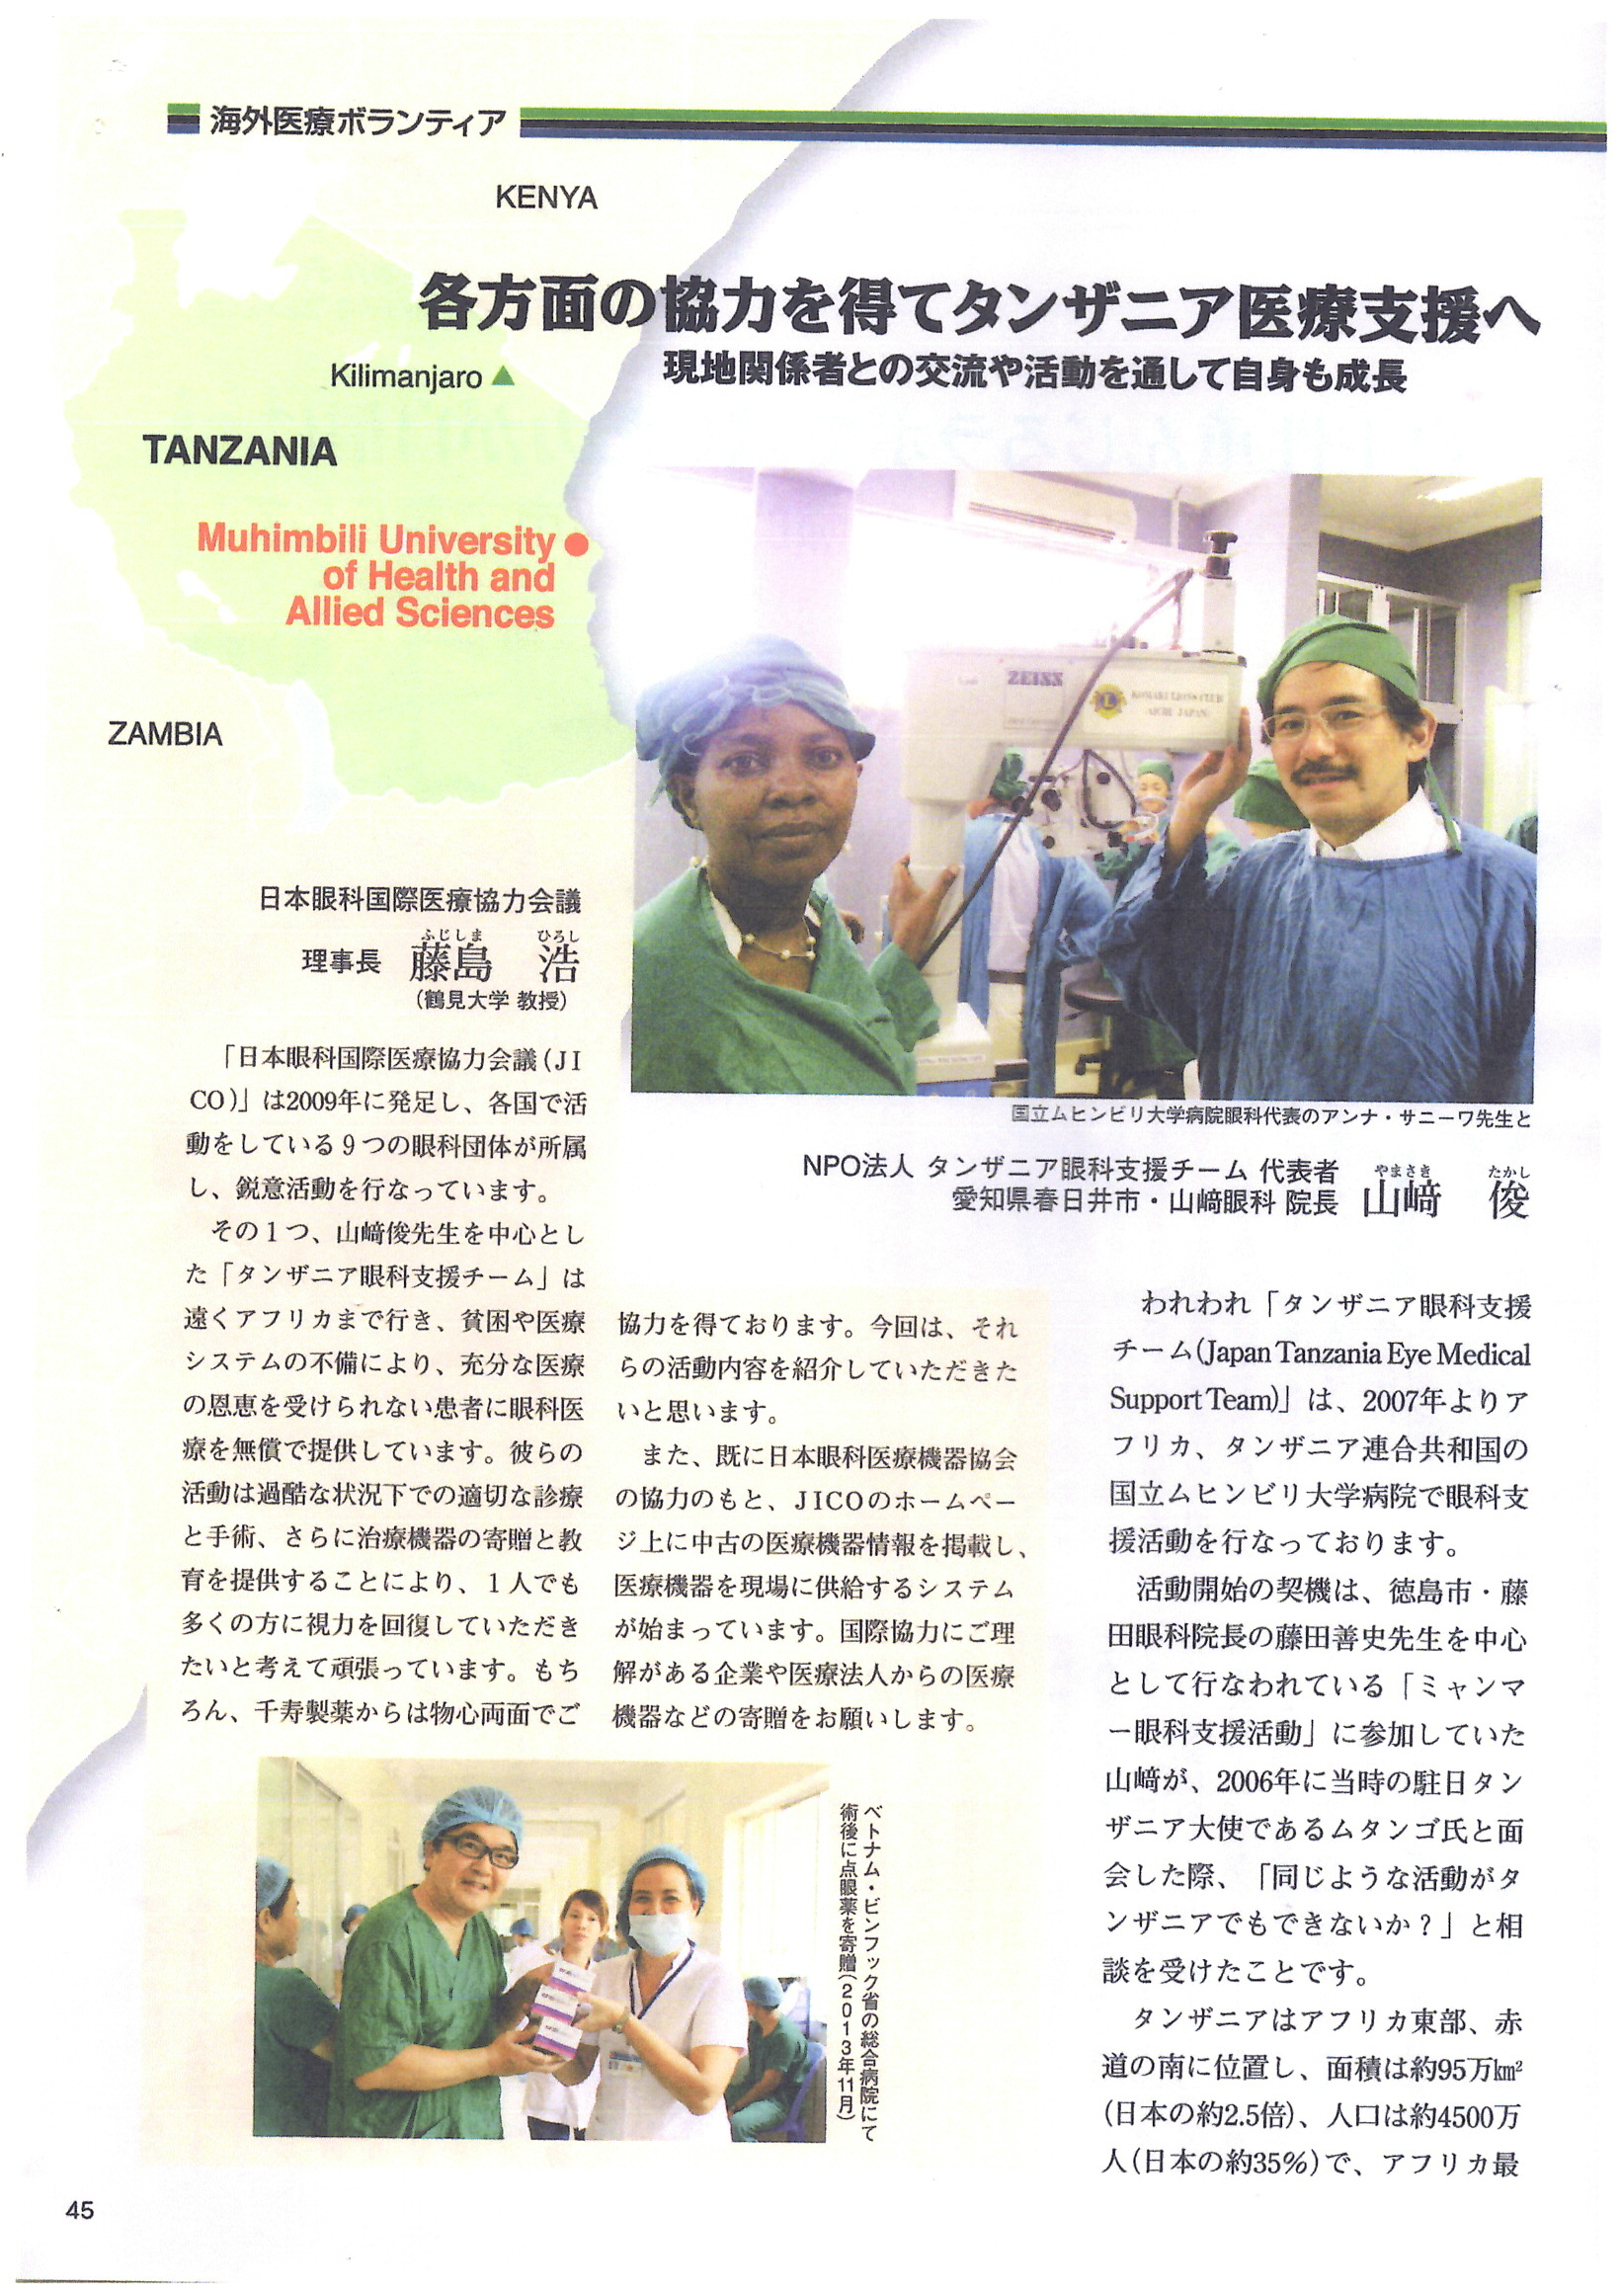 タンザニア眼科活動